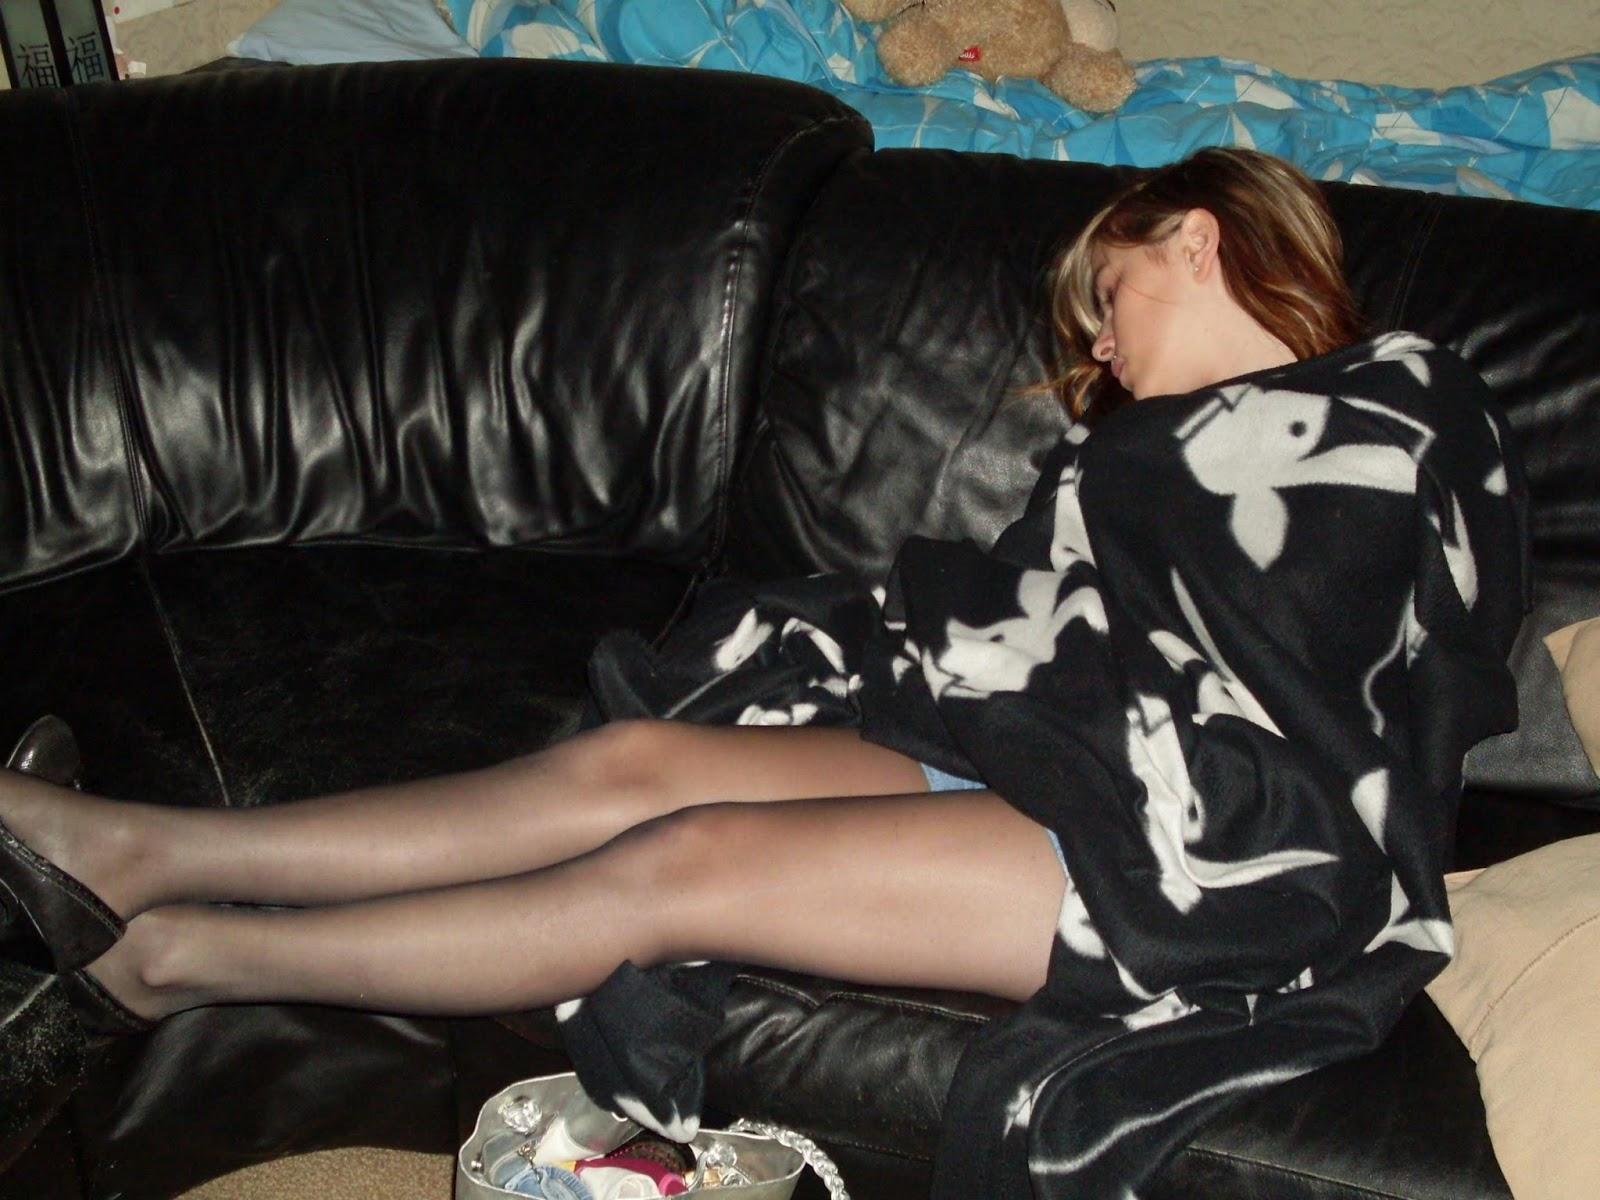 пьяные спящие женщины в колготках сегодня